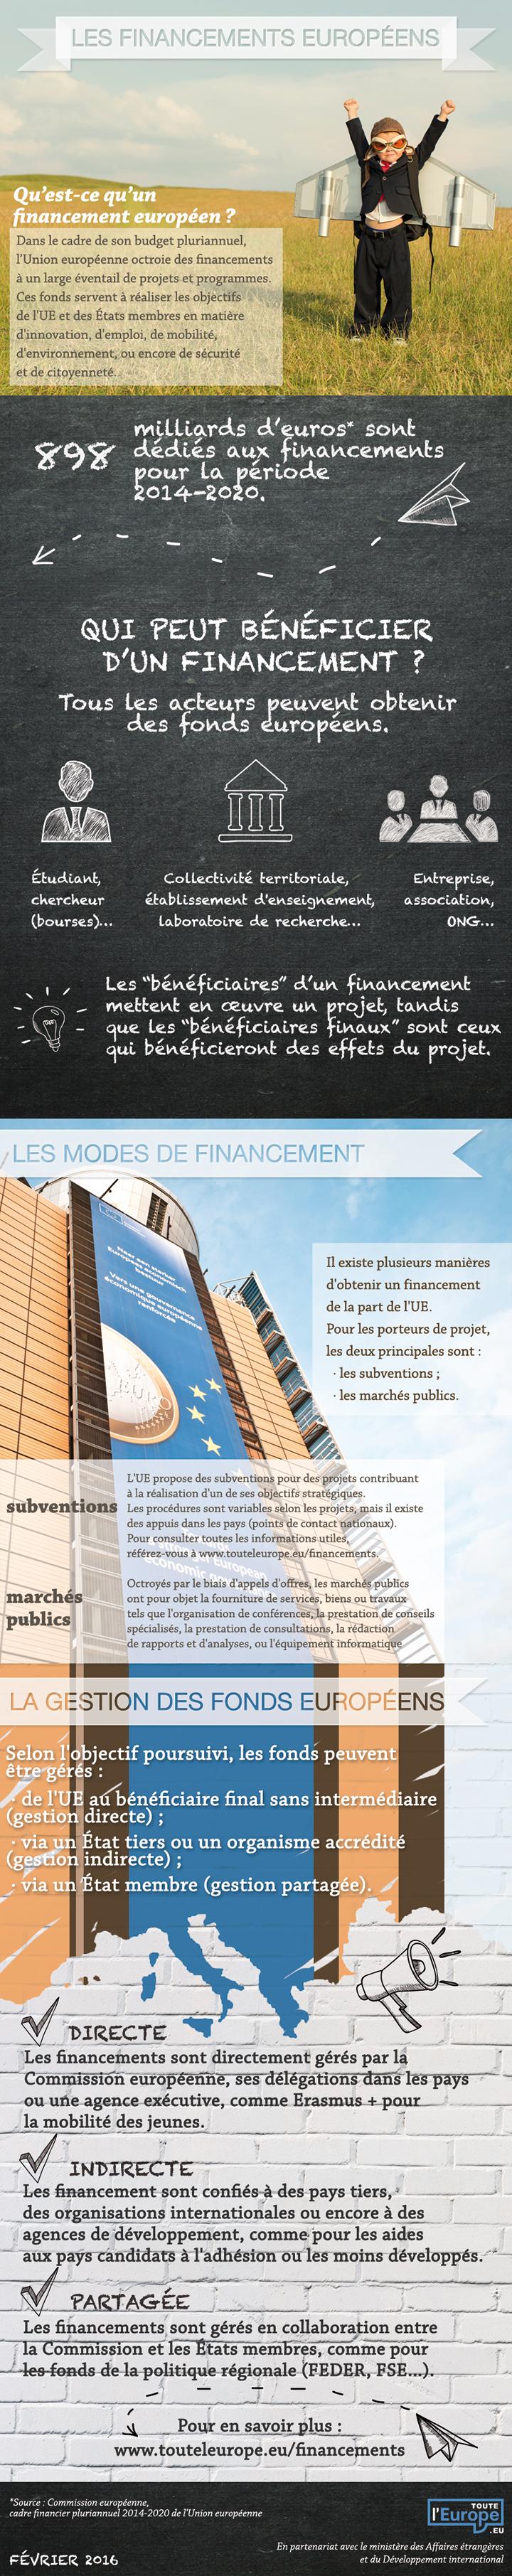 Les financements européens : l'essentiel